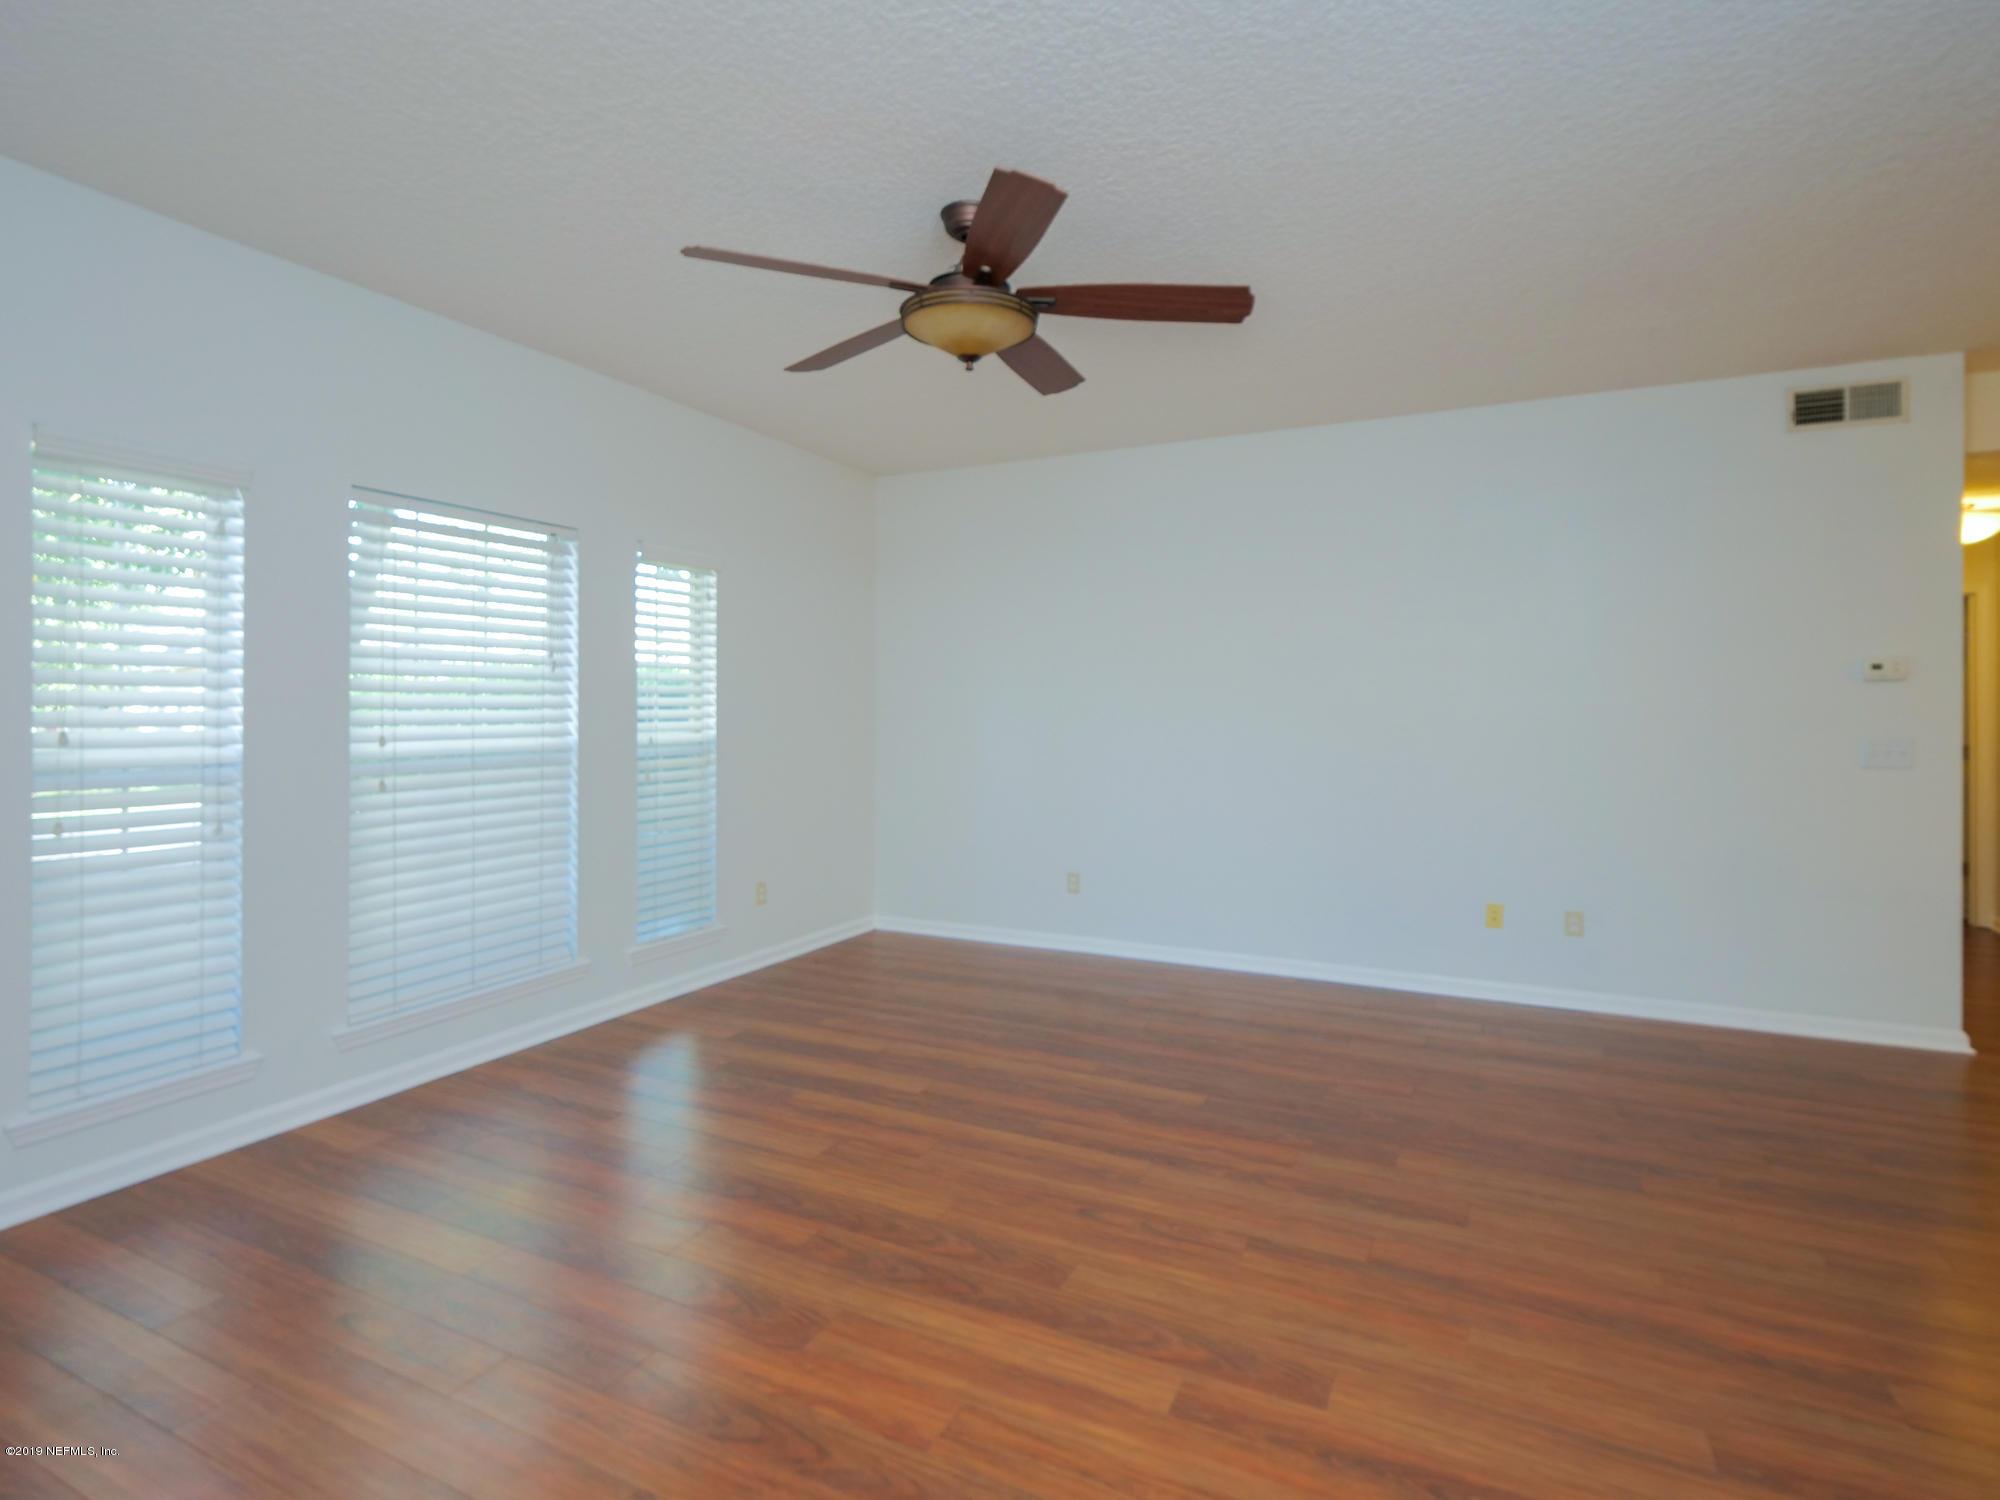 191 JARDIN DE MER- JACKSONVILLE BEACH- FLORIDA 32250, 2 Bedrooms Bedrooms, ,2 BathroomsBathrooms,Condo,For sale,JARDIN DE MER,1021944